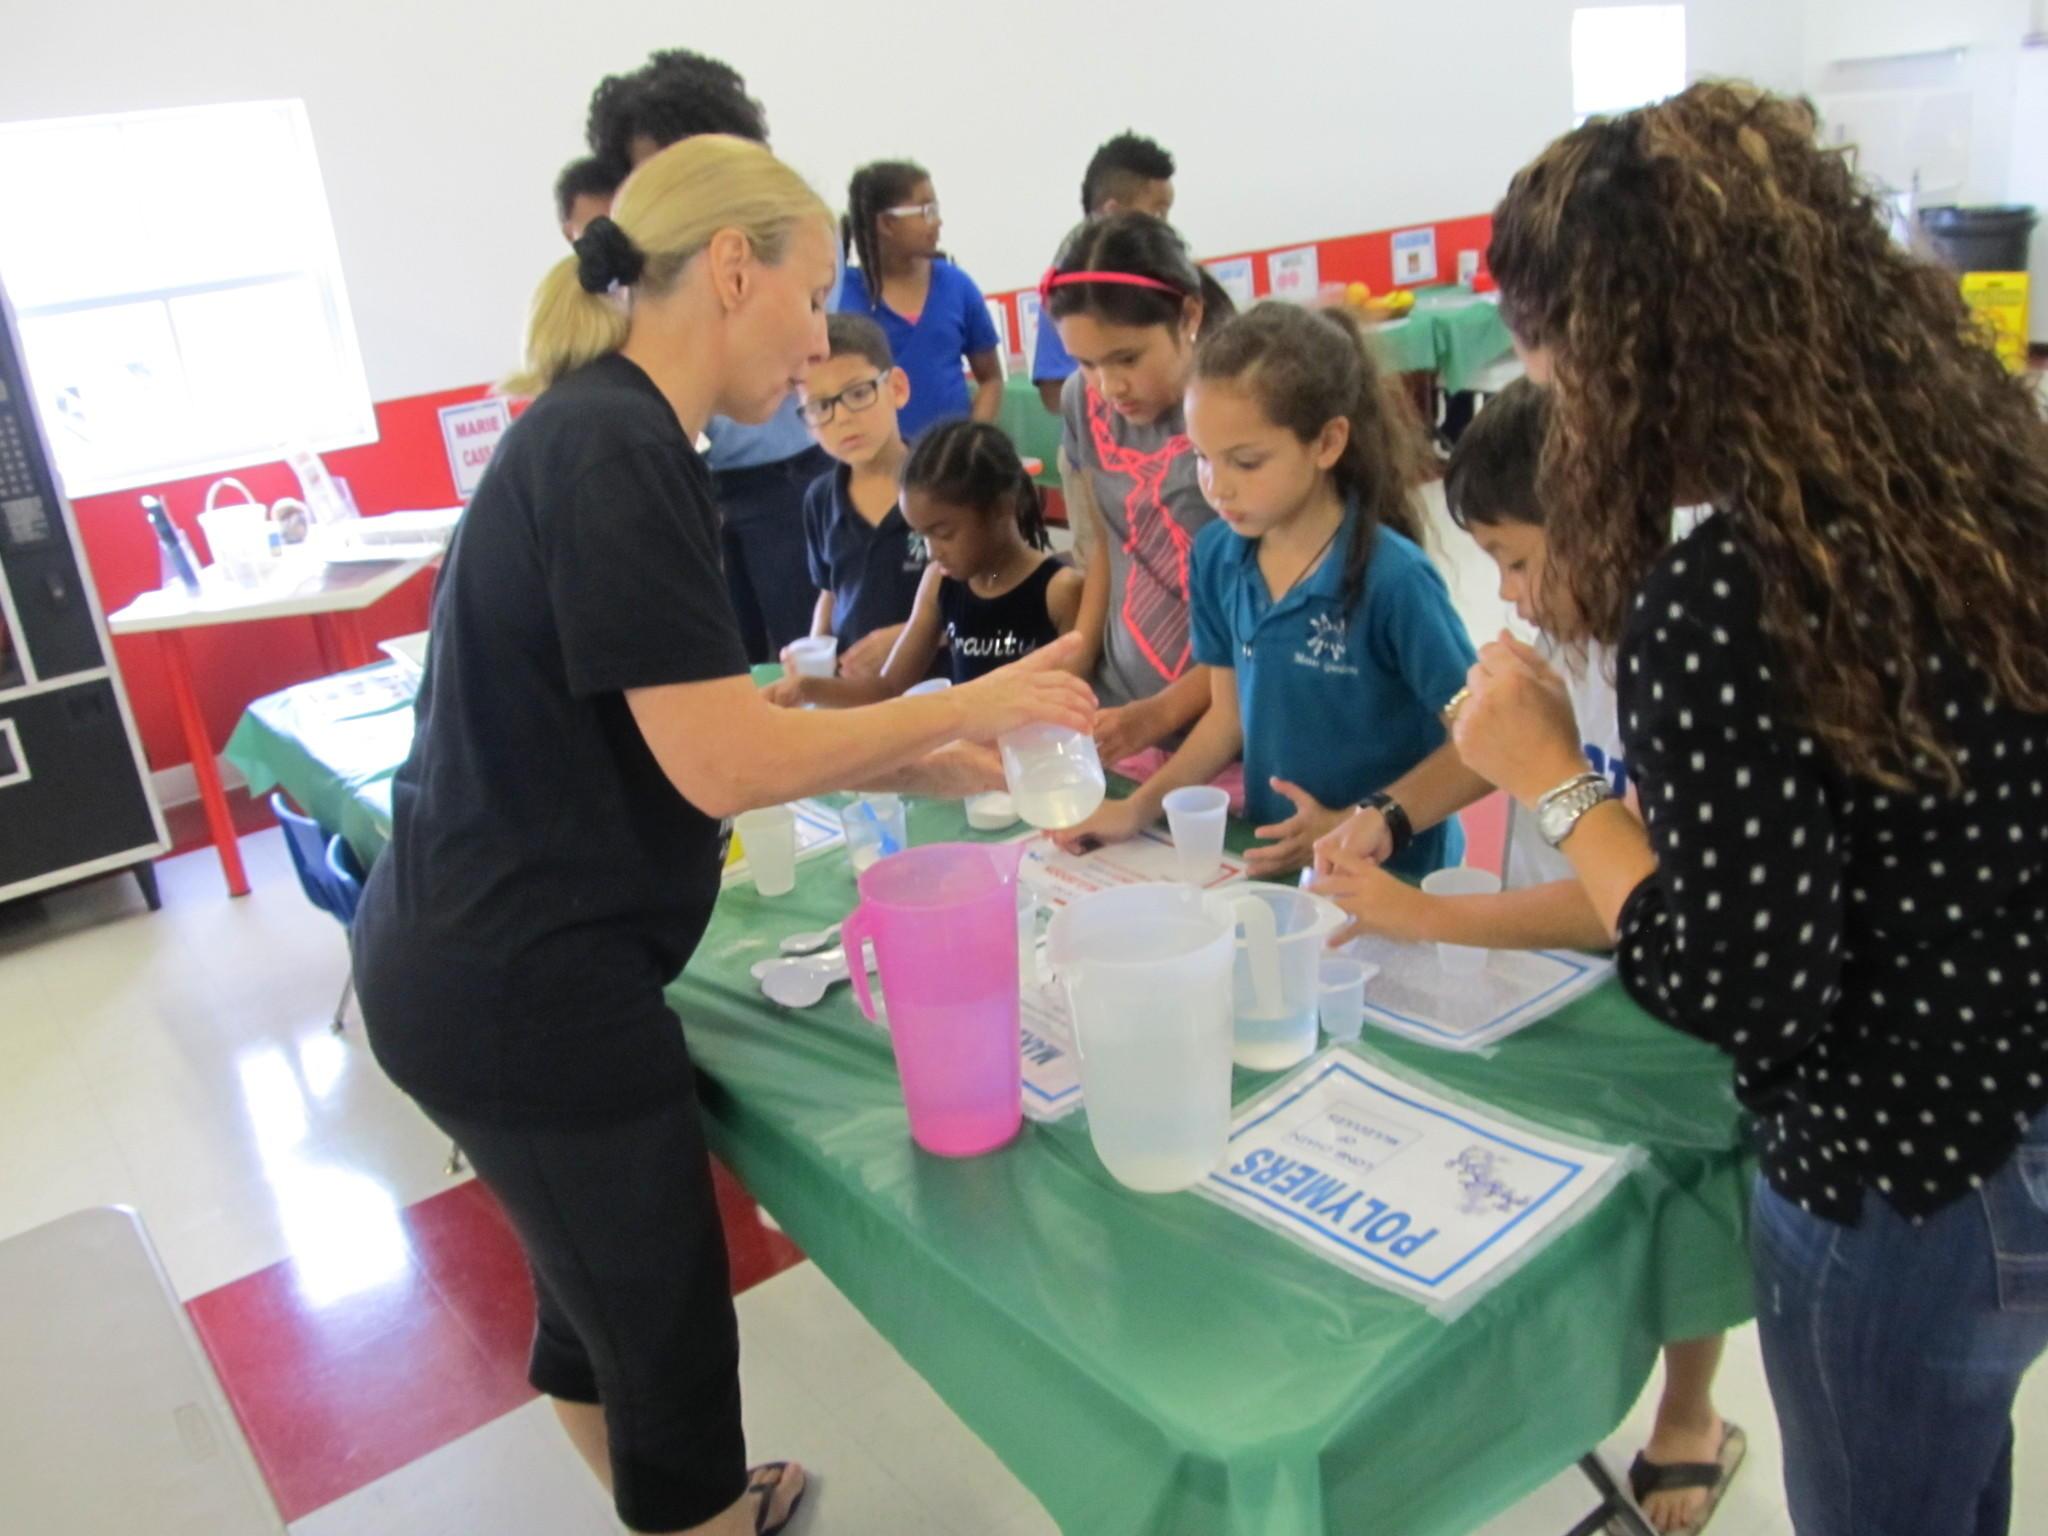 La entrenadora Clara Cinti comparte de un grupo de nios en uno de los programas del campamento de verano del Gravity Gymnastics de Miramar